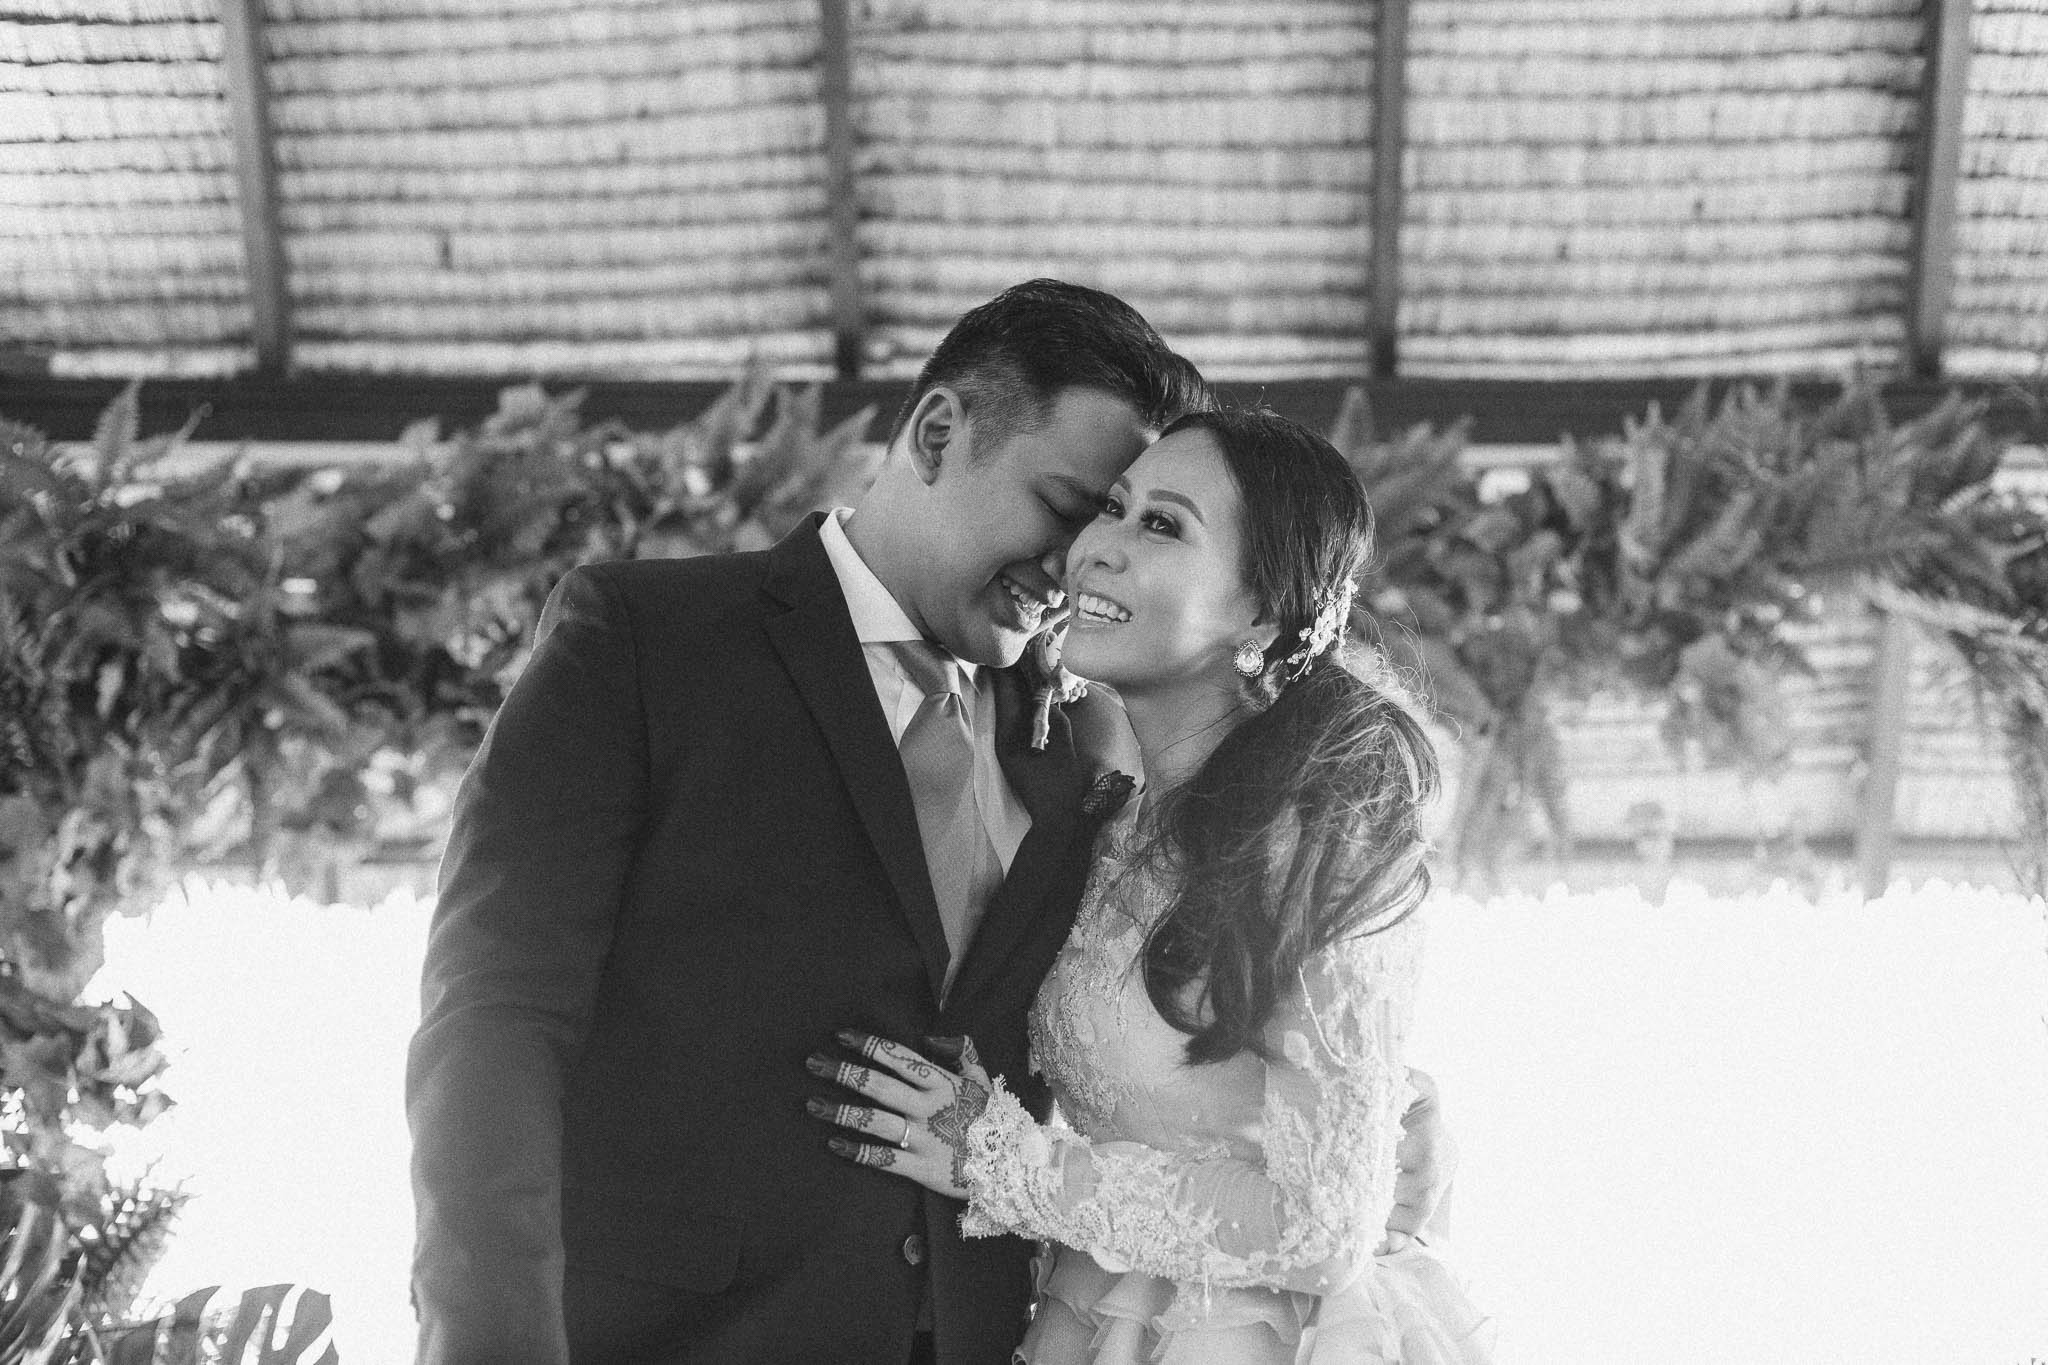 singapore-wedding-photographer-wemadethese-bw-056.jpg